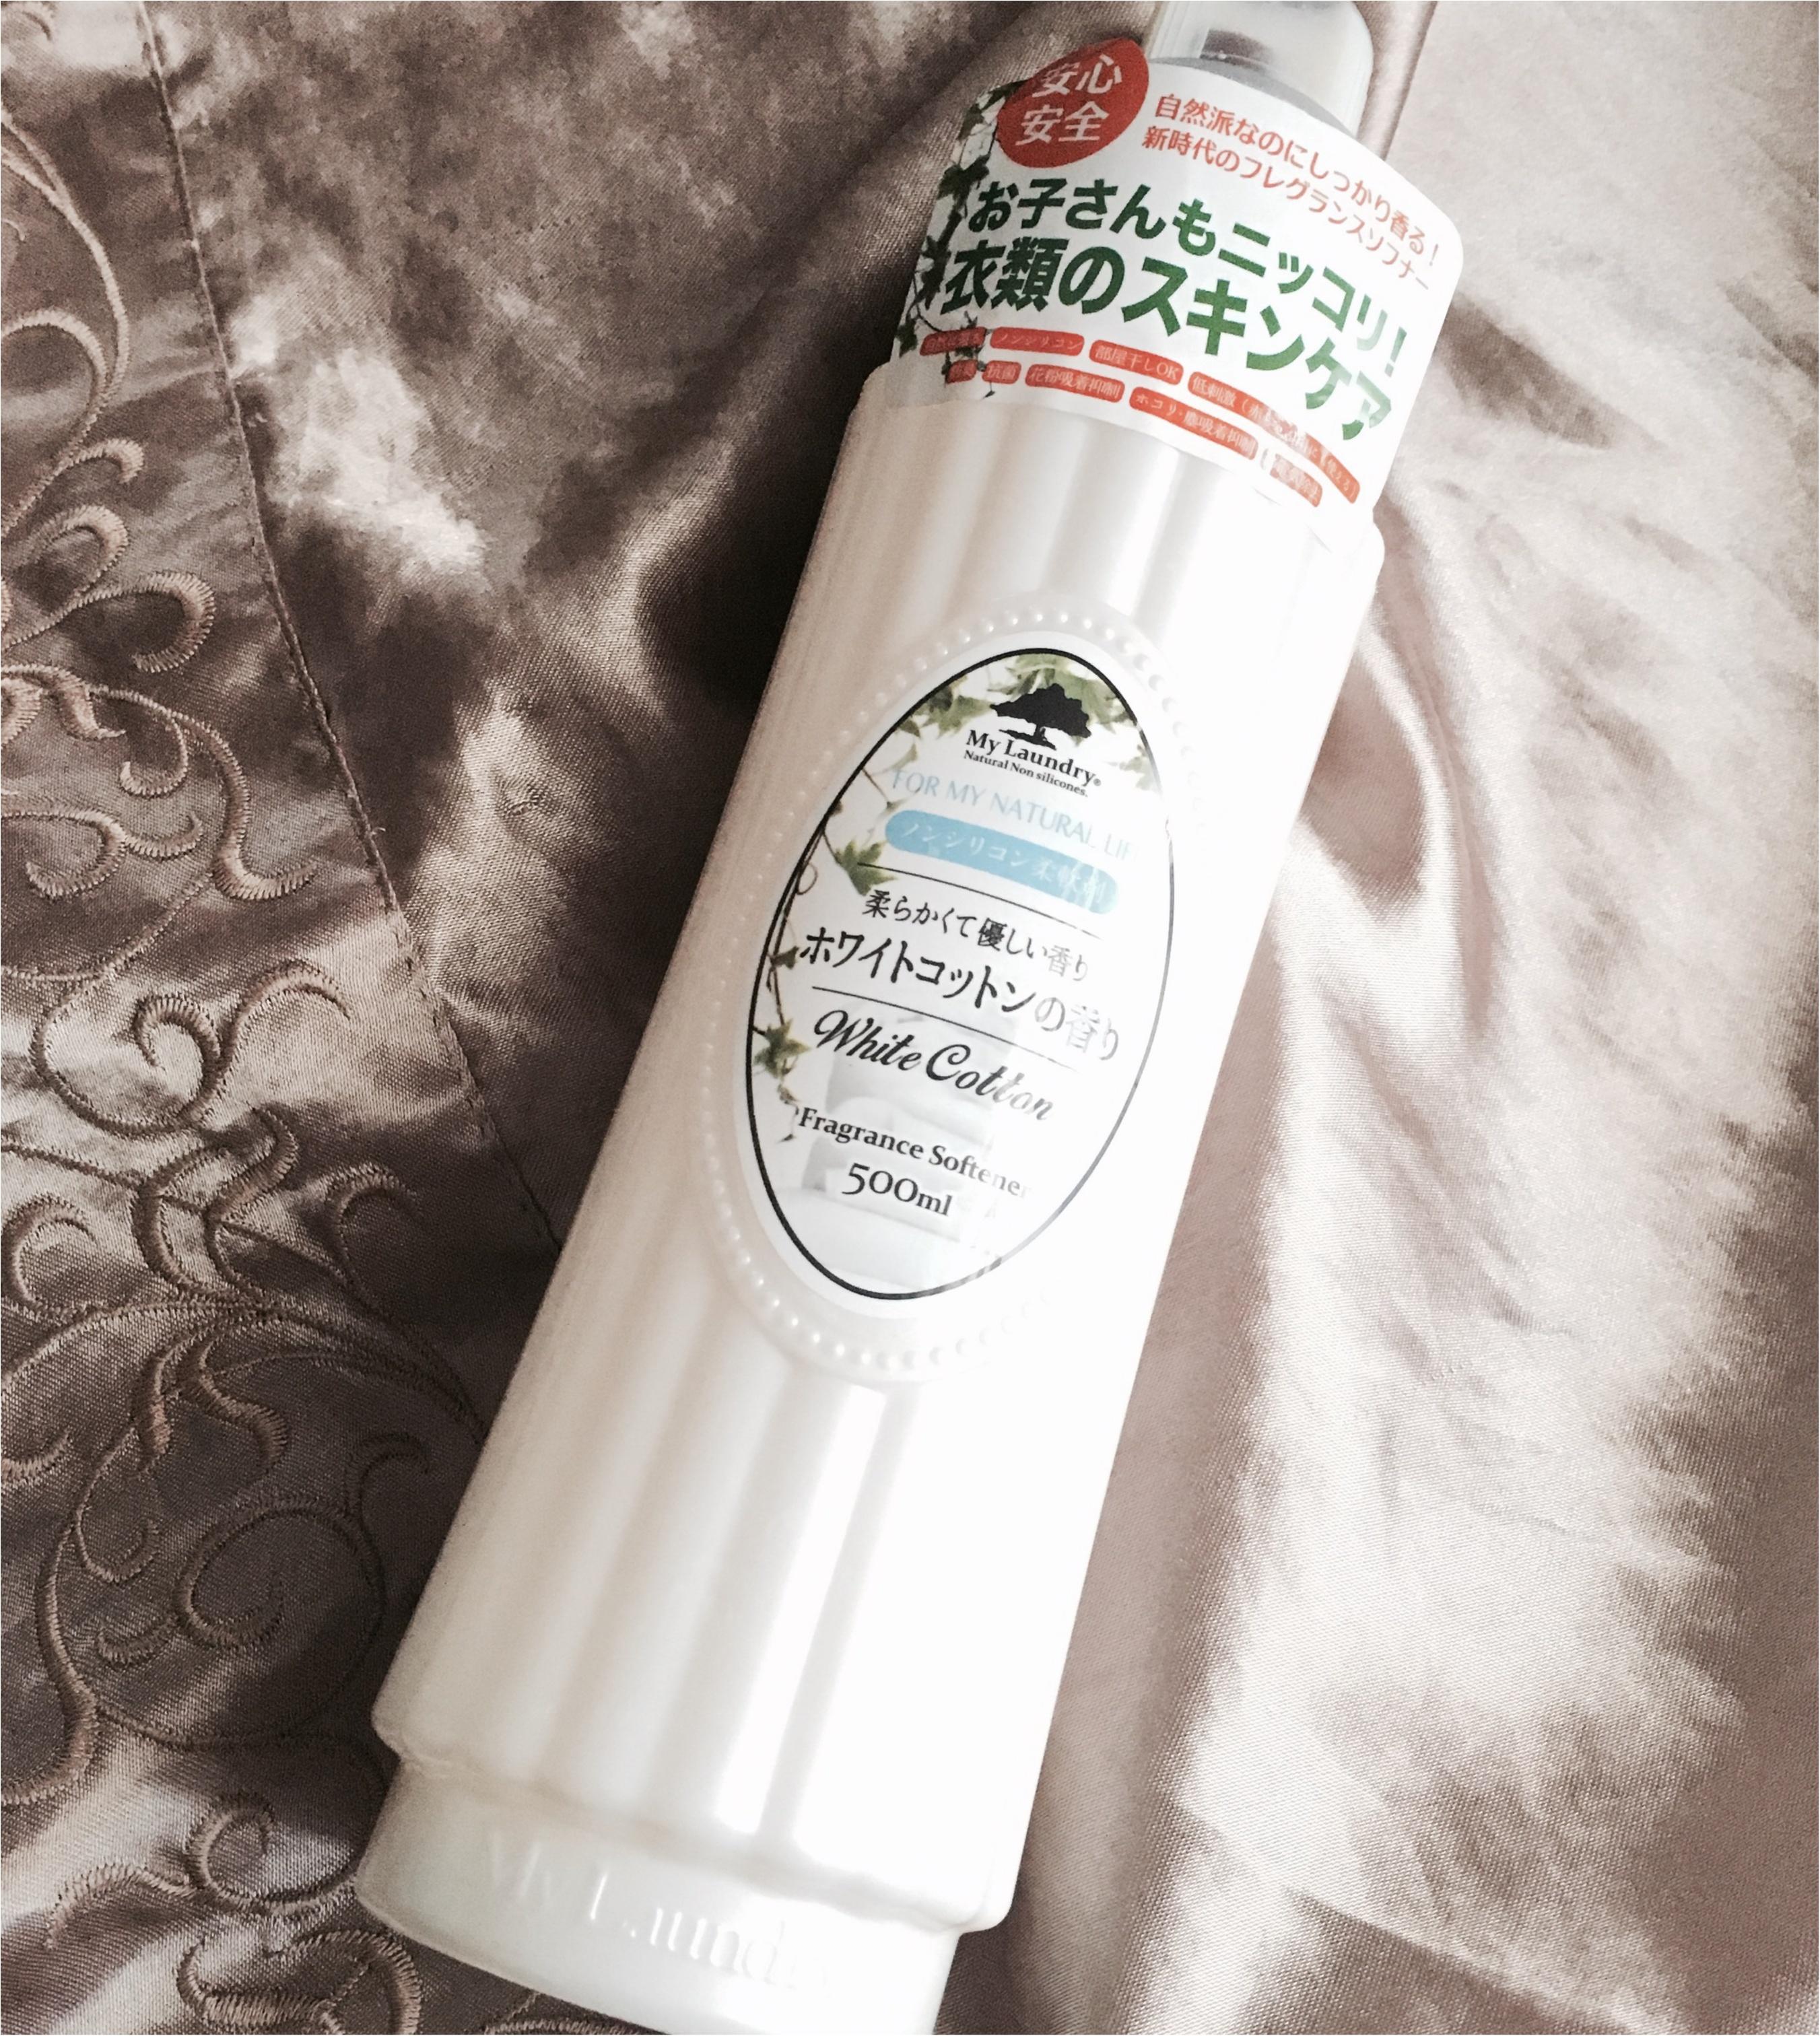 お気に入りの柔軟剤【マイランドリー】ホワイトコットンの香りを試してみた♡!_3